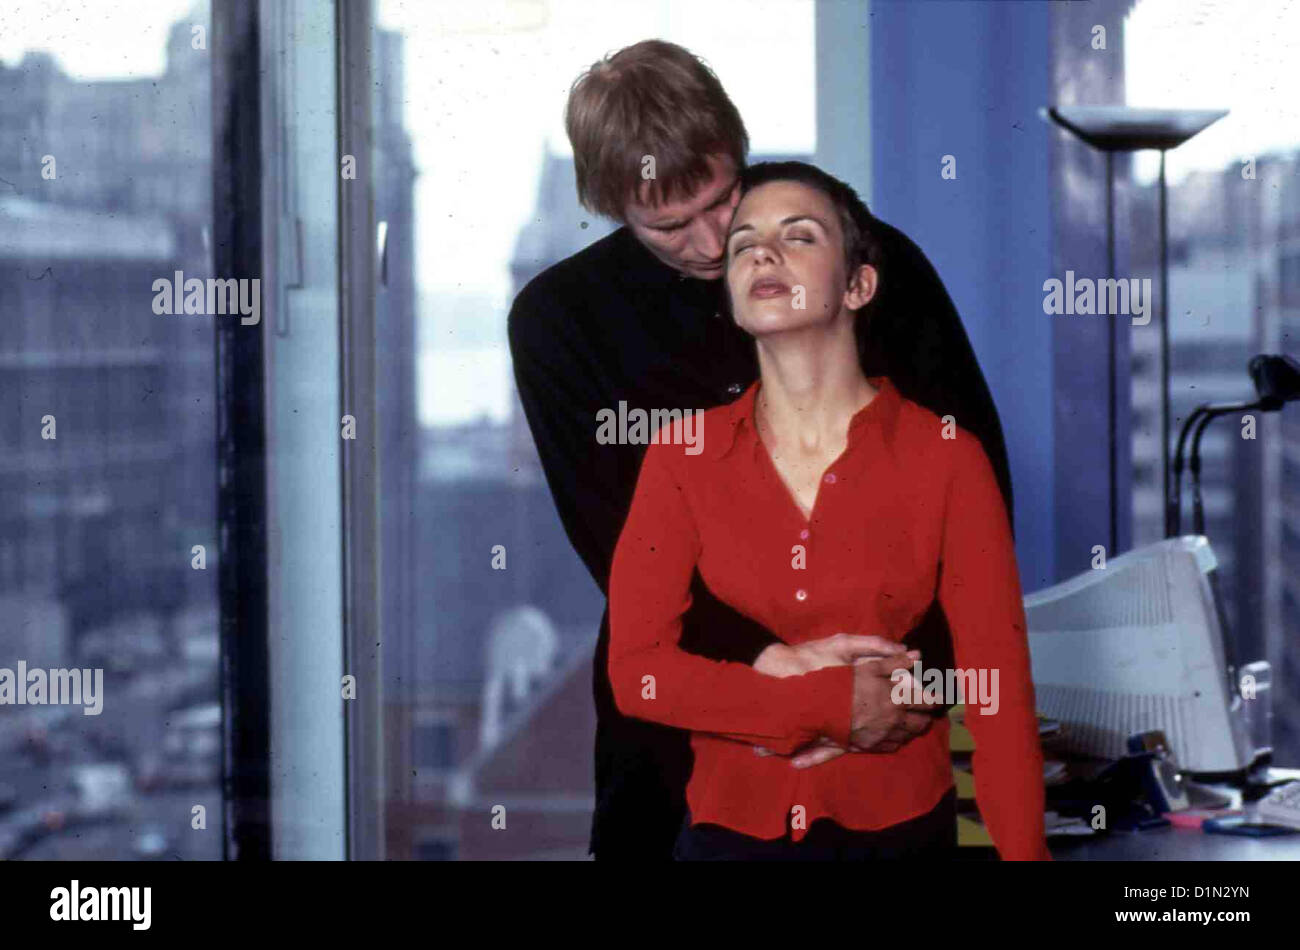 Jeder Kann Sein Herz Verlieren  Heart  Kate Hardie, Rhys Ifans Tess Ellis (Kate Hardie) ist unglücklich verheiratet. - Stock Image